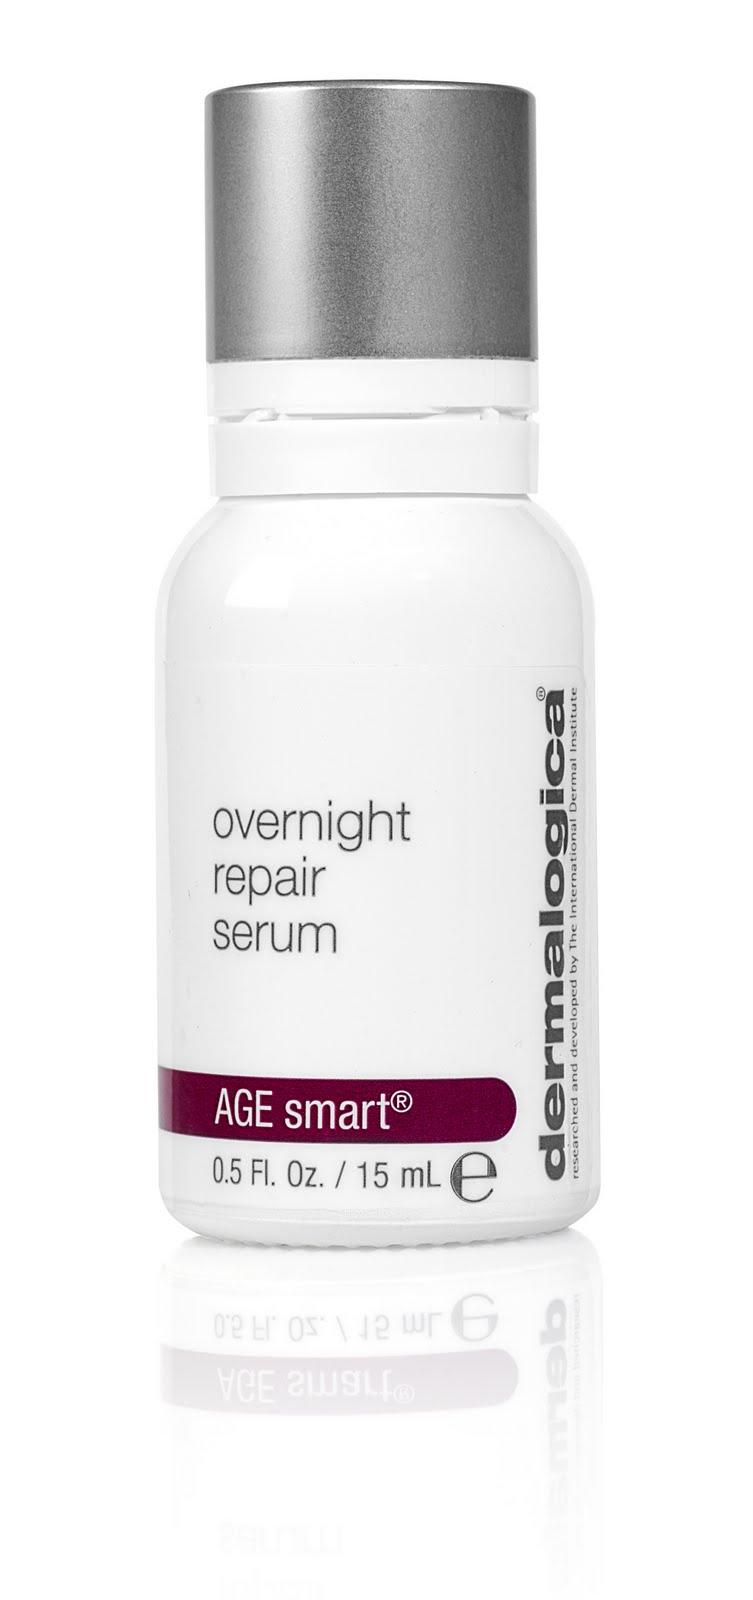 overnight-repair-serum.jpg